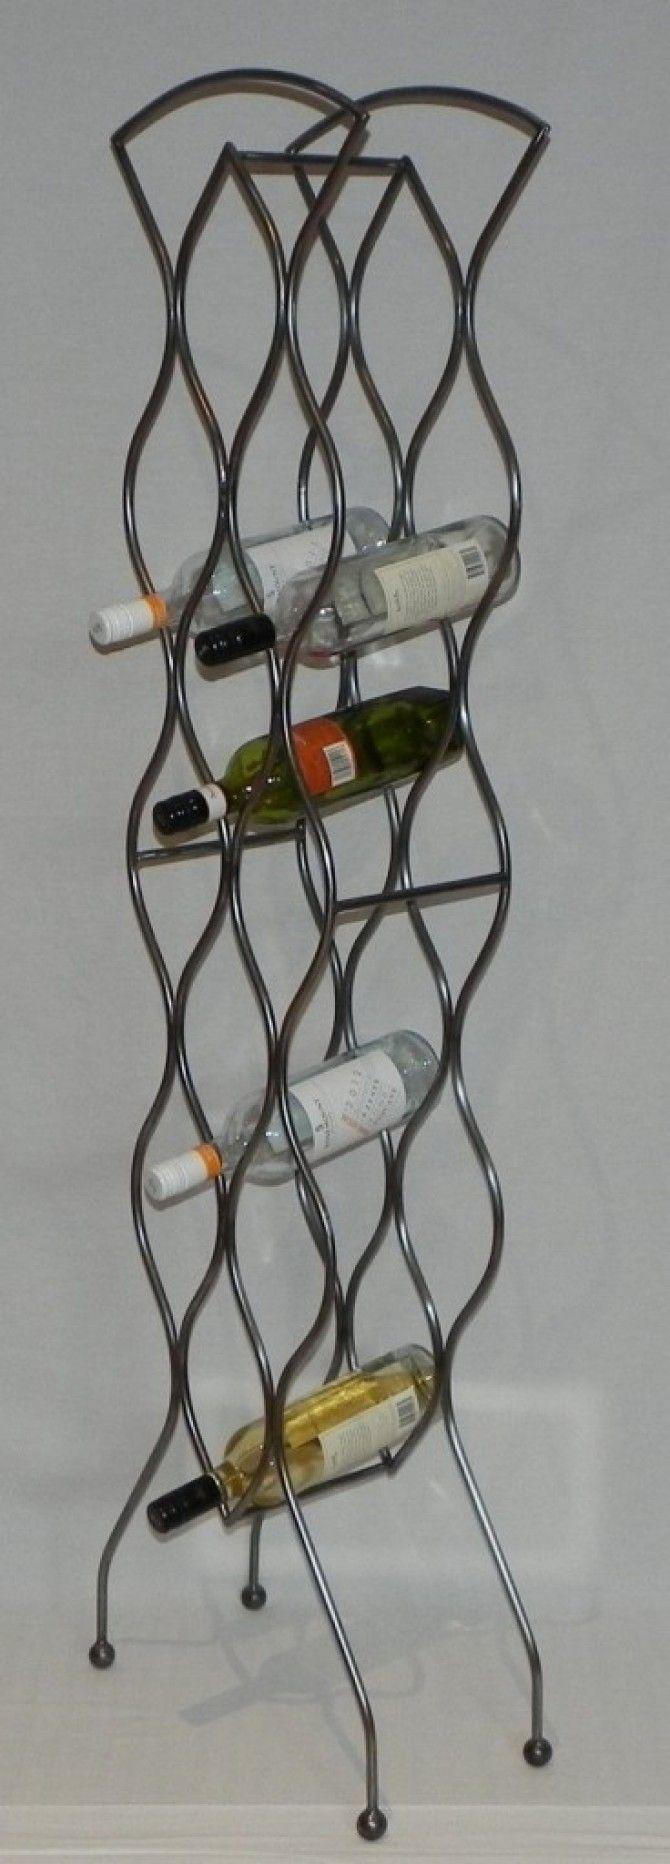 die besten 25 metall weinregale ideen auf pinterest. Black Bedroom Furniture Sets. Home Design Ideas